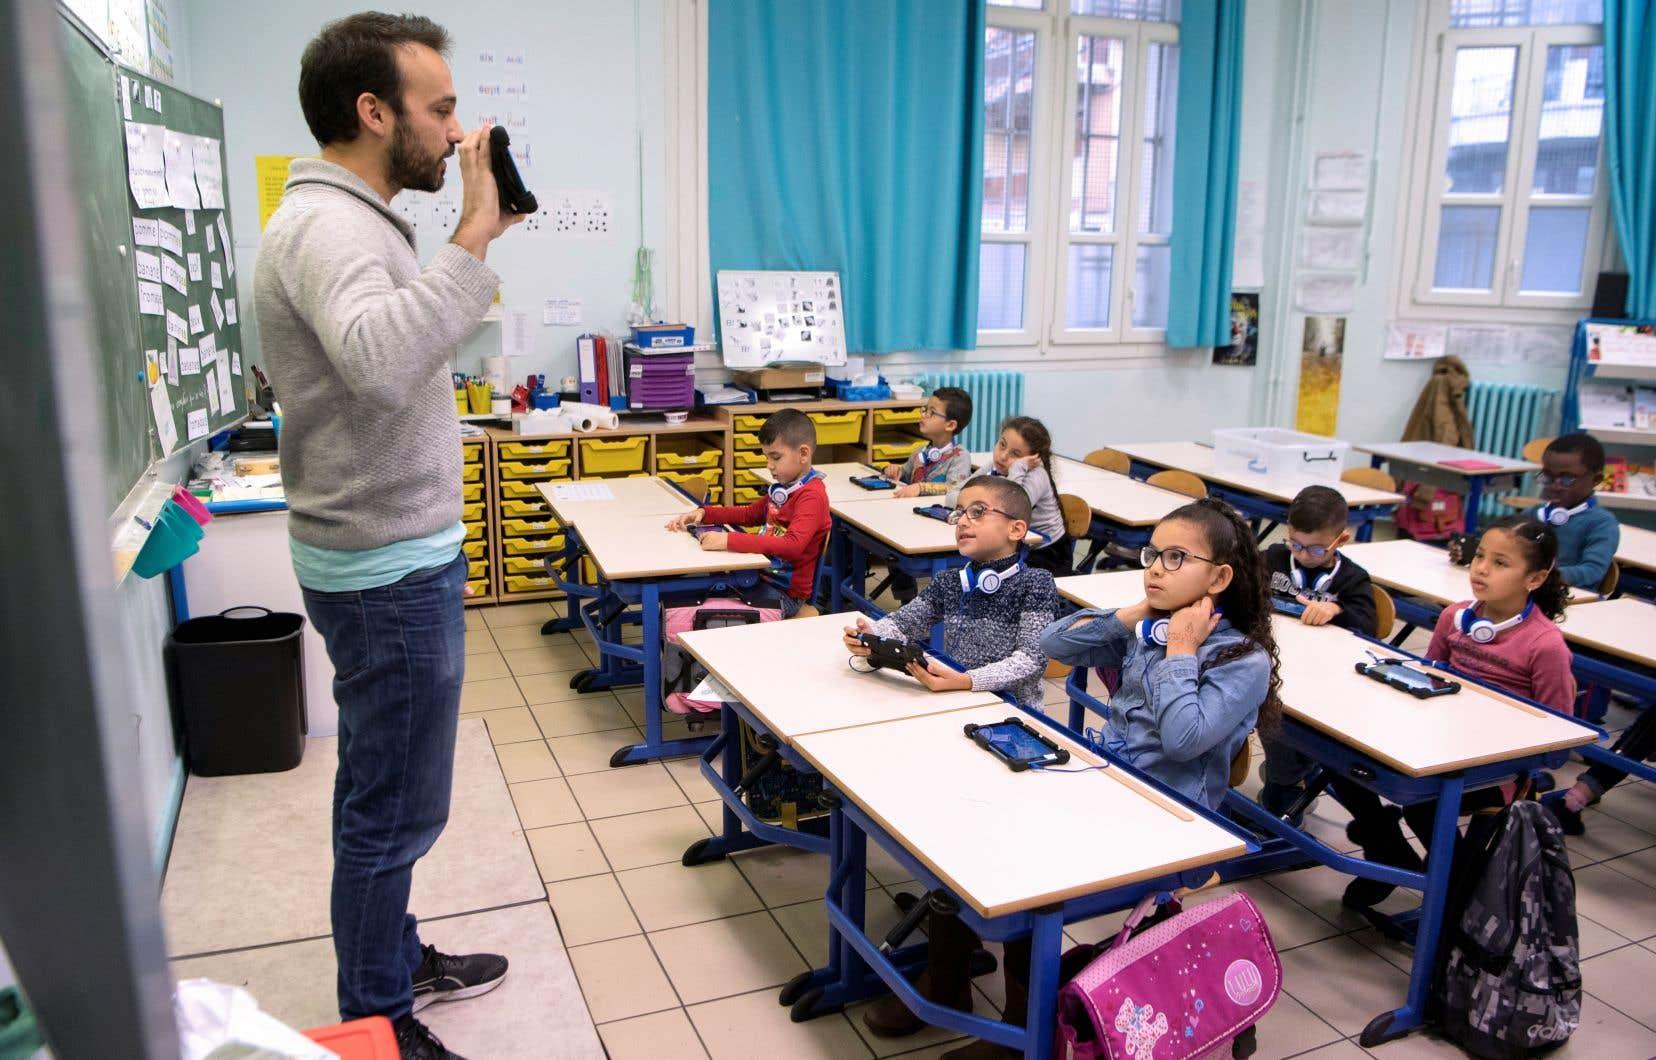 Depuis quelques années, le phénomène de classe sans professeur prend de l'ampleur, et principalement au primaire.